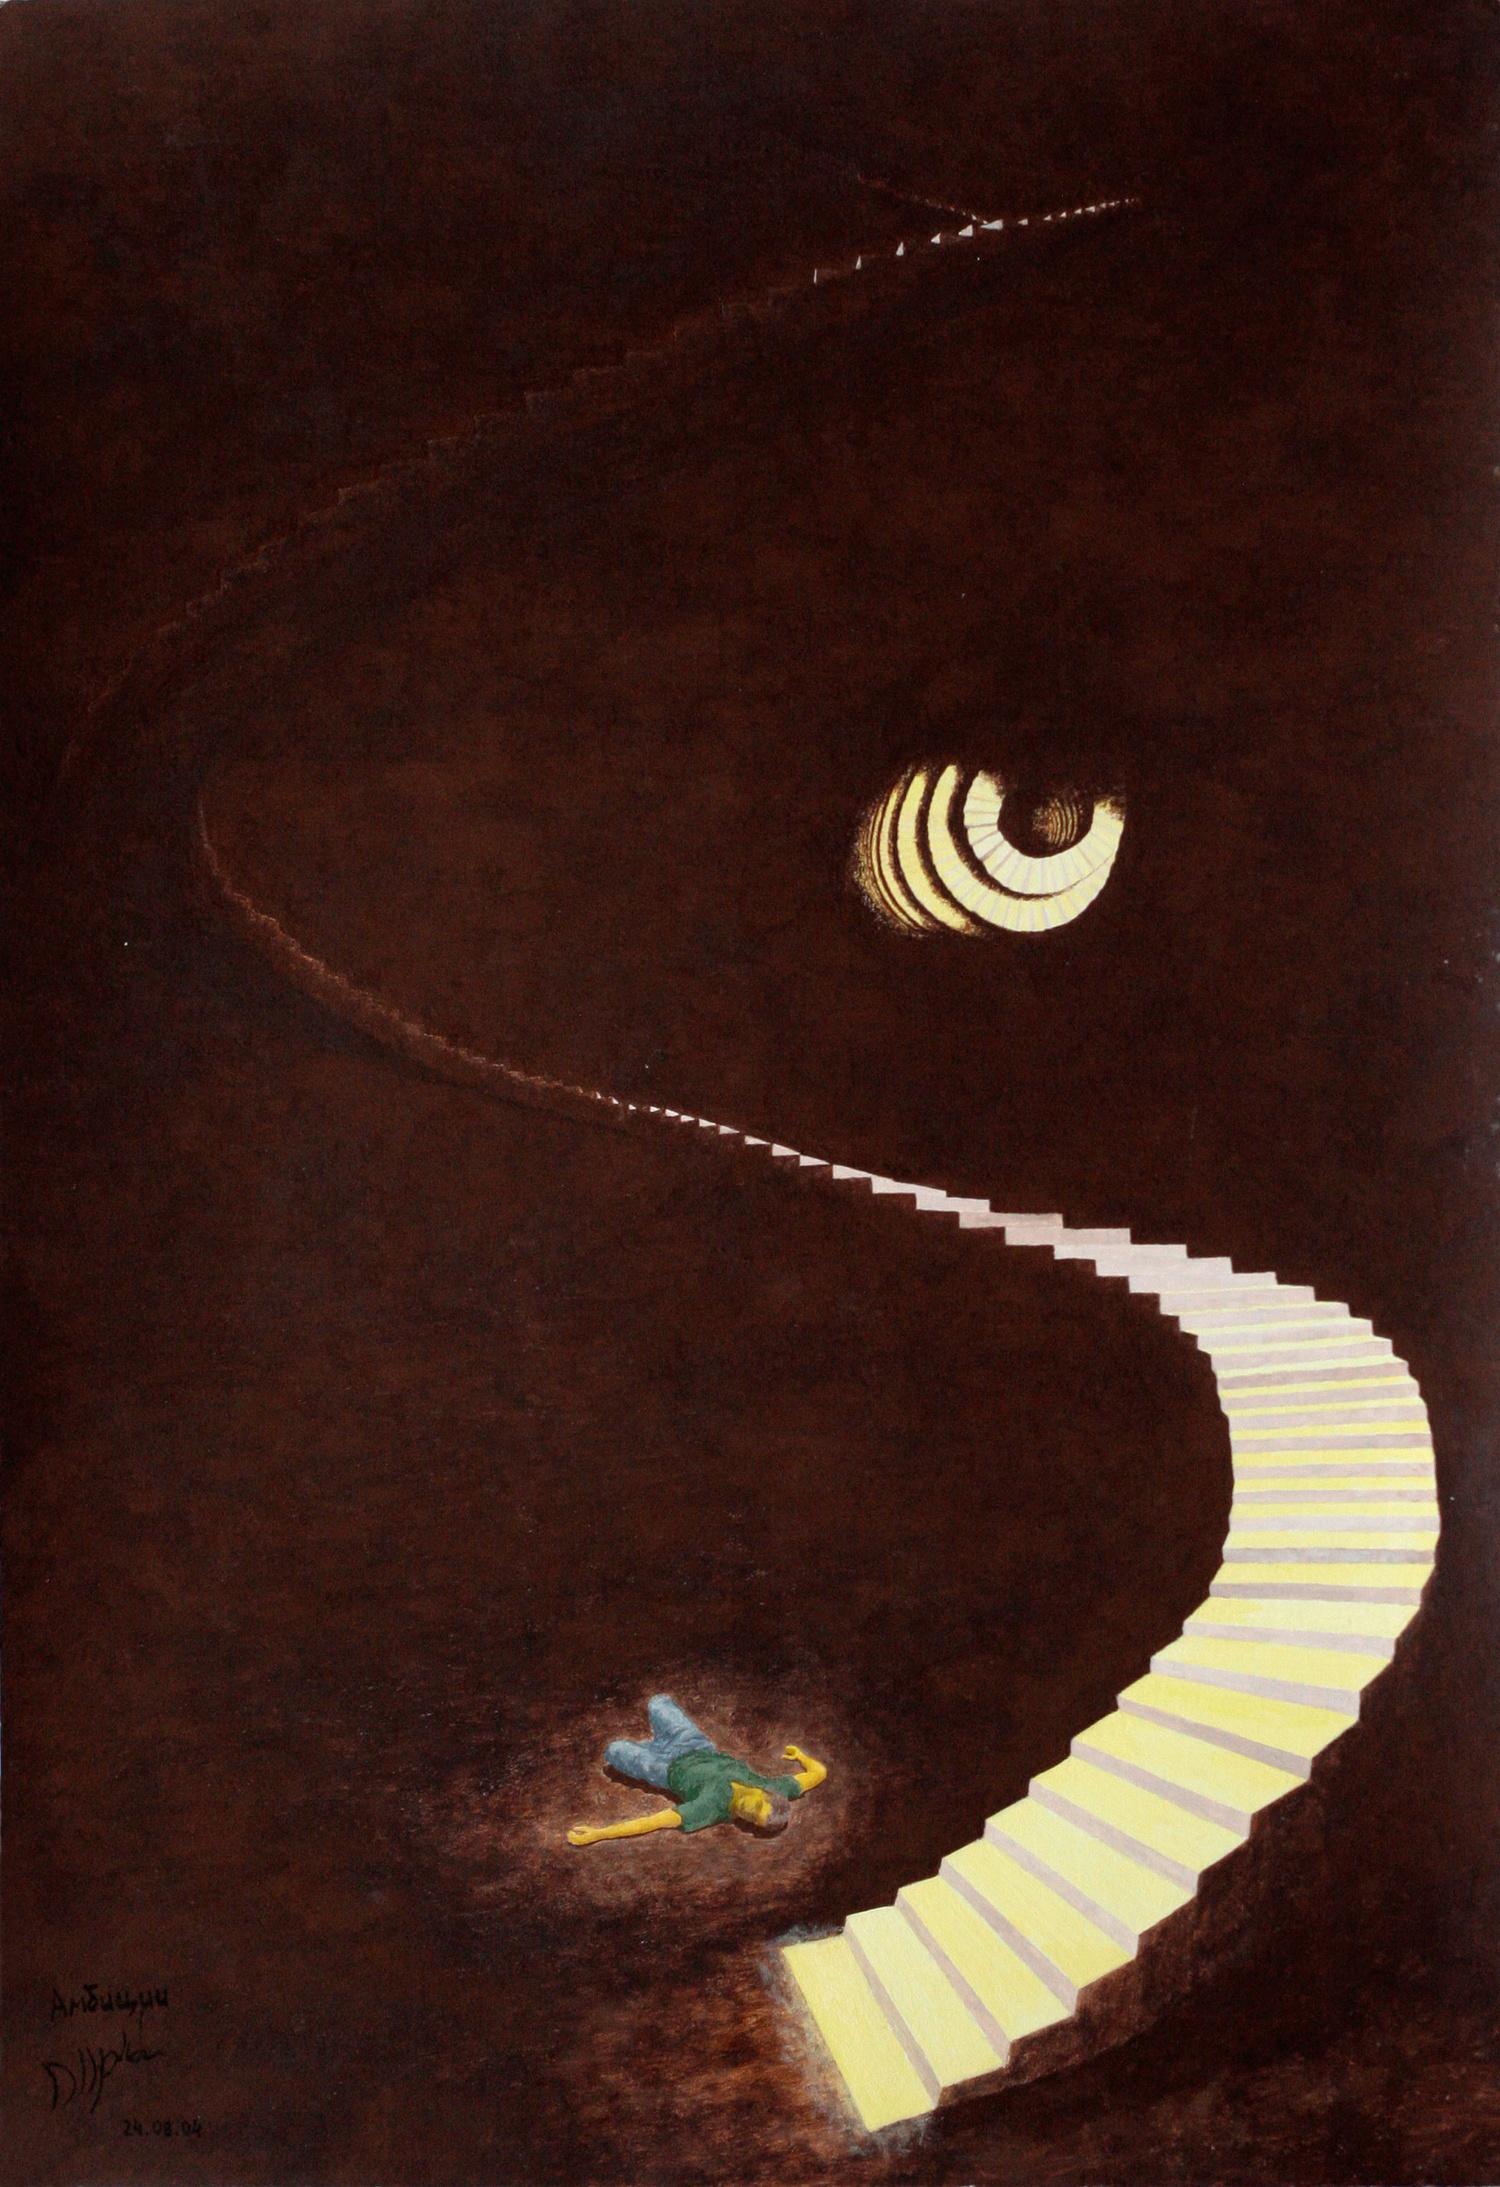 Амбиции. Человек, упавший со спиральной, винтовой, лестницы, лежит на полу.